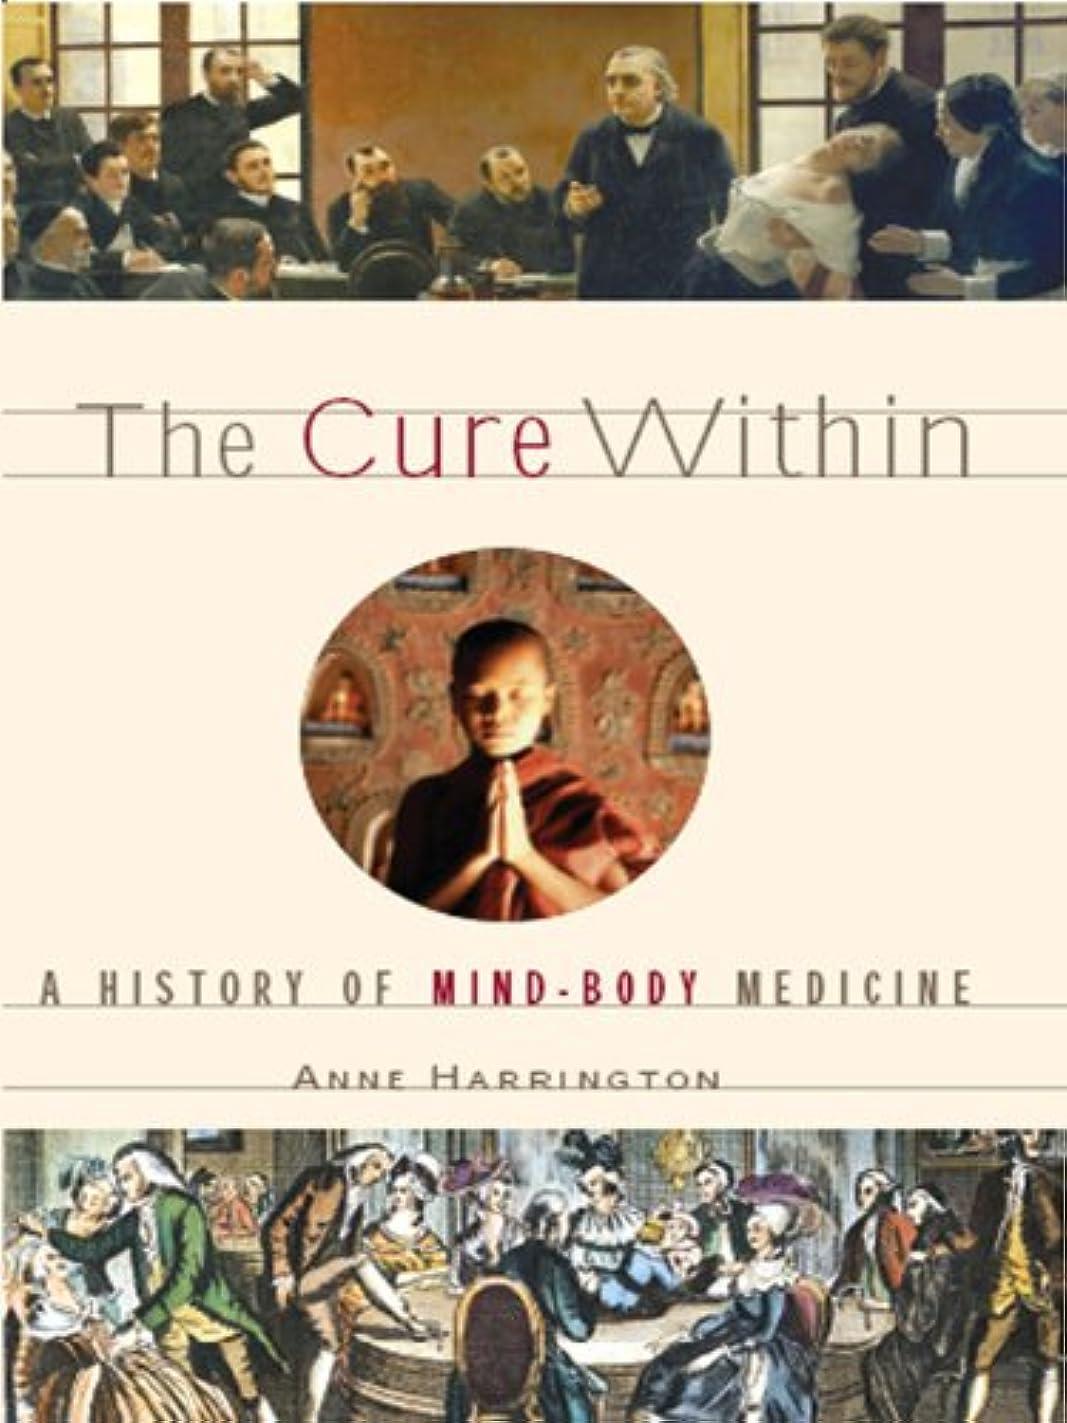 覚醒選択欠伸The Cure Within: A History of Mind-Body Medicine (English Edition)